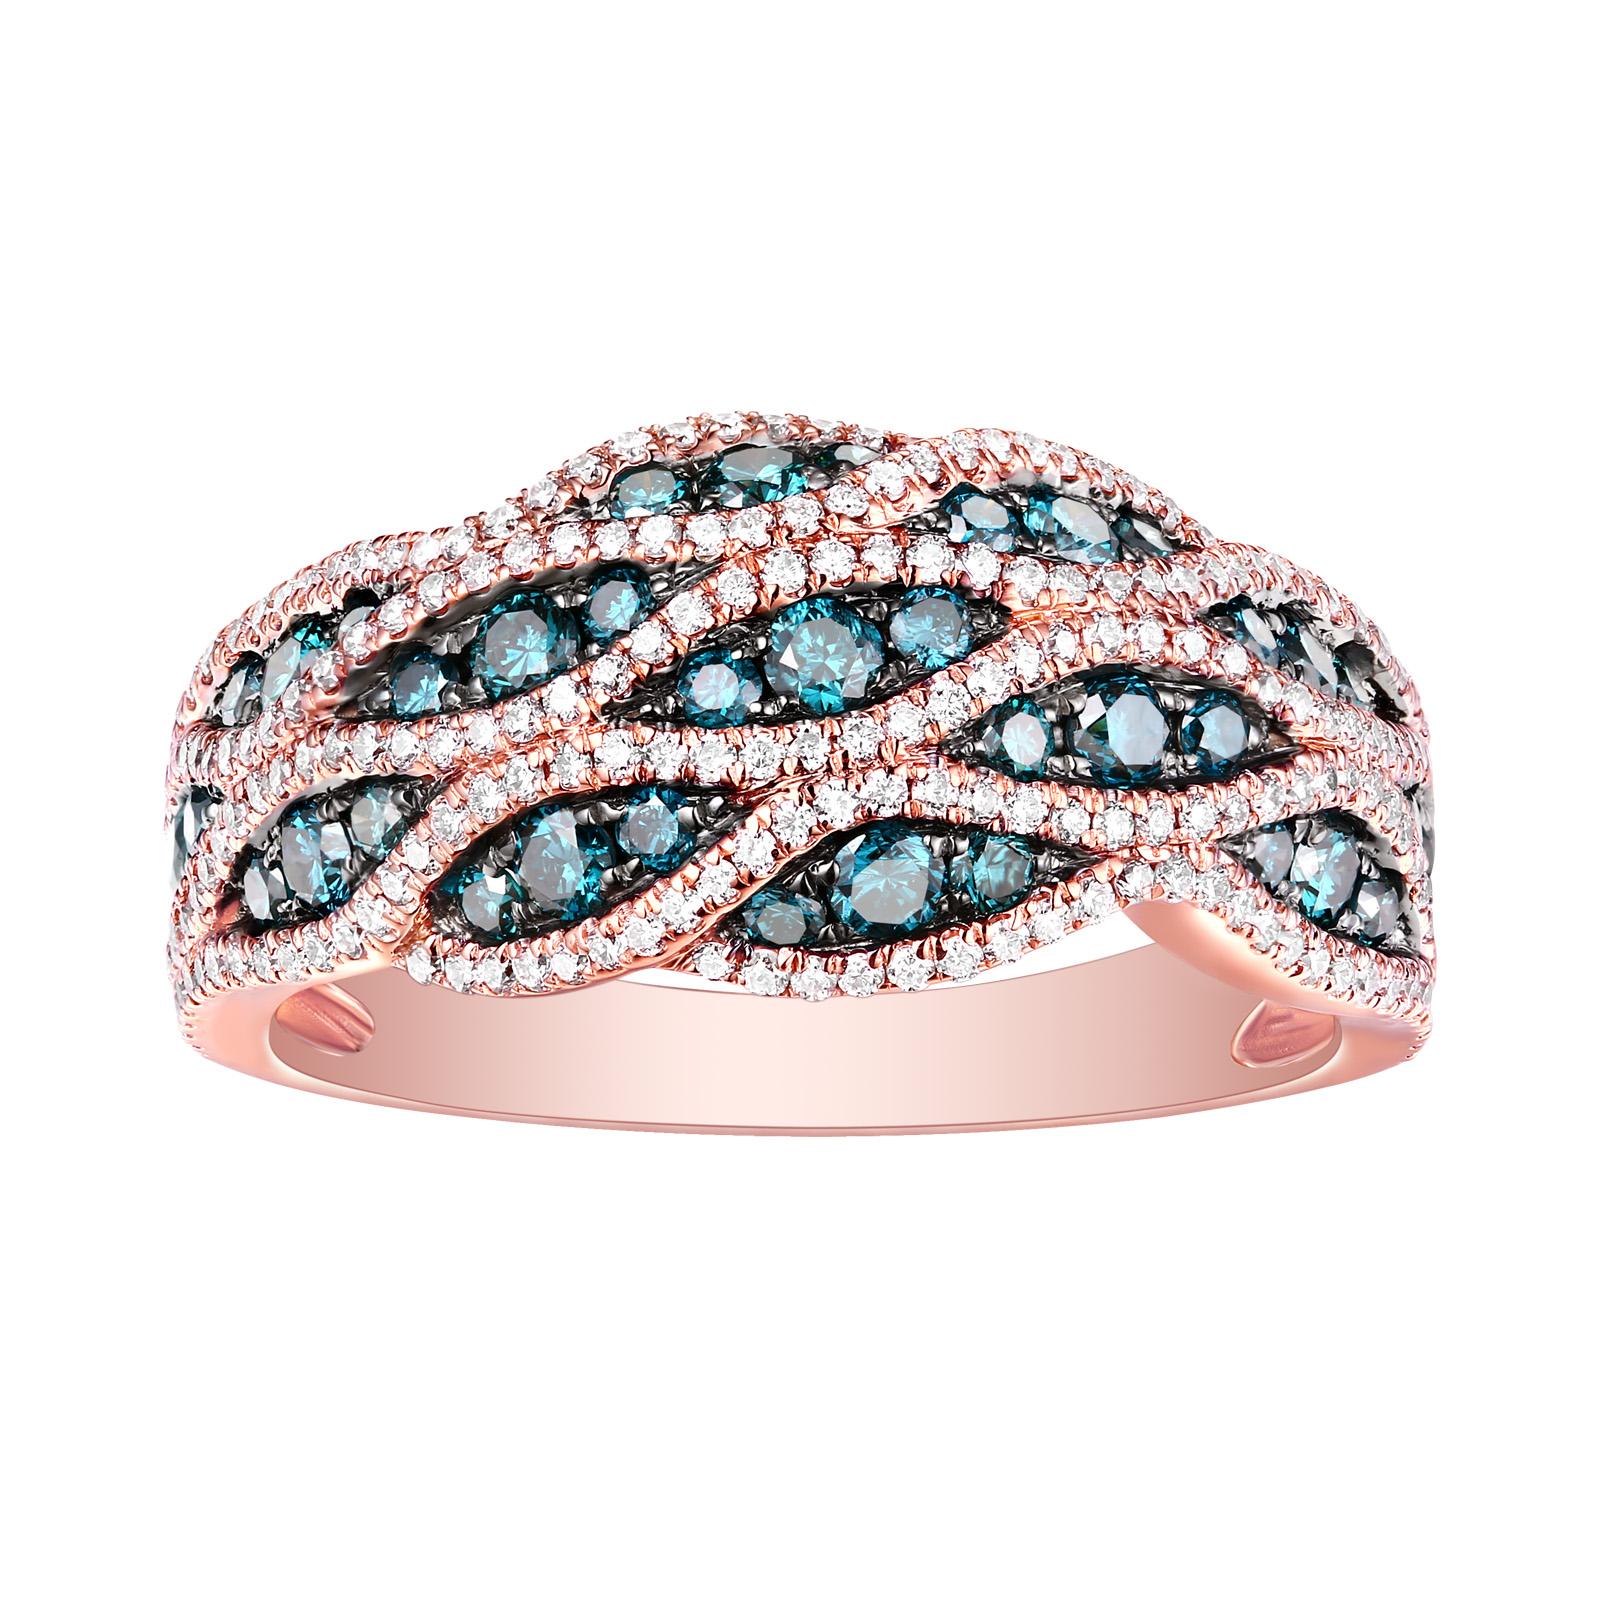 R26273BLU – 14K Rose Gold Diamond Ring, 1.12 TCW